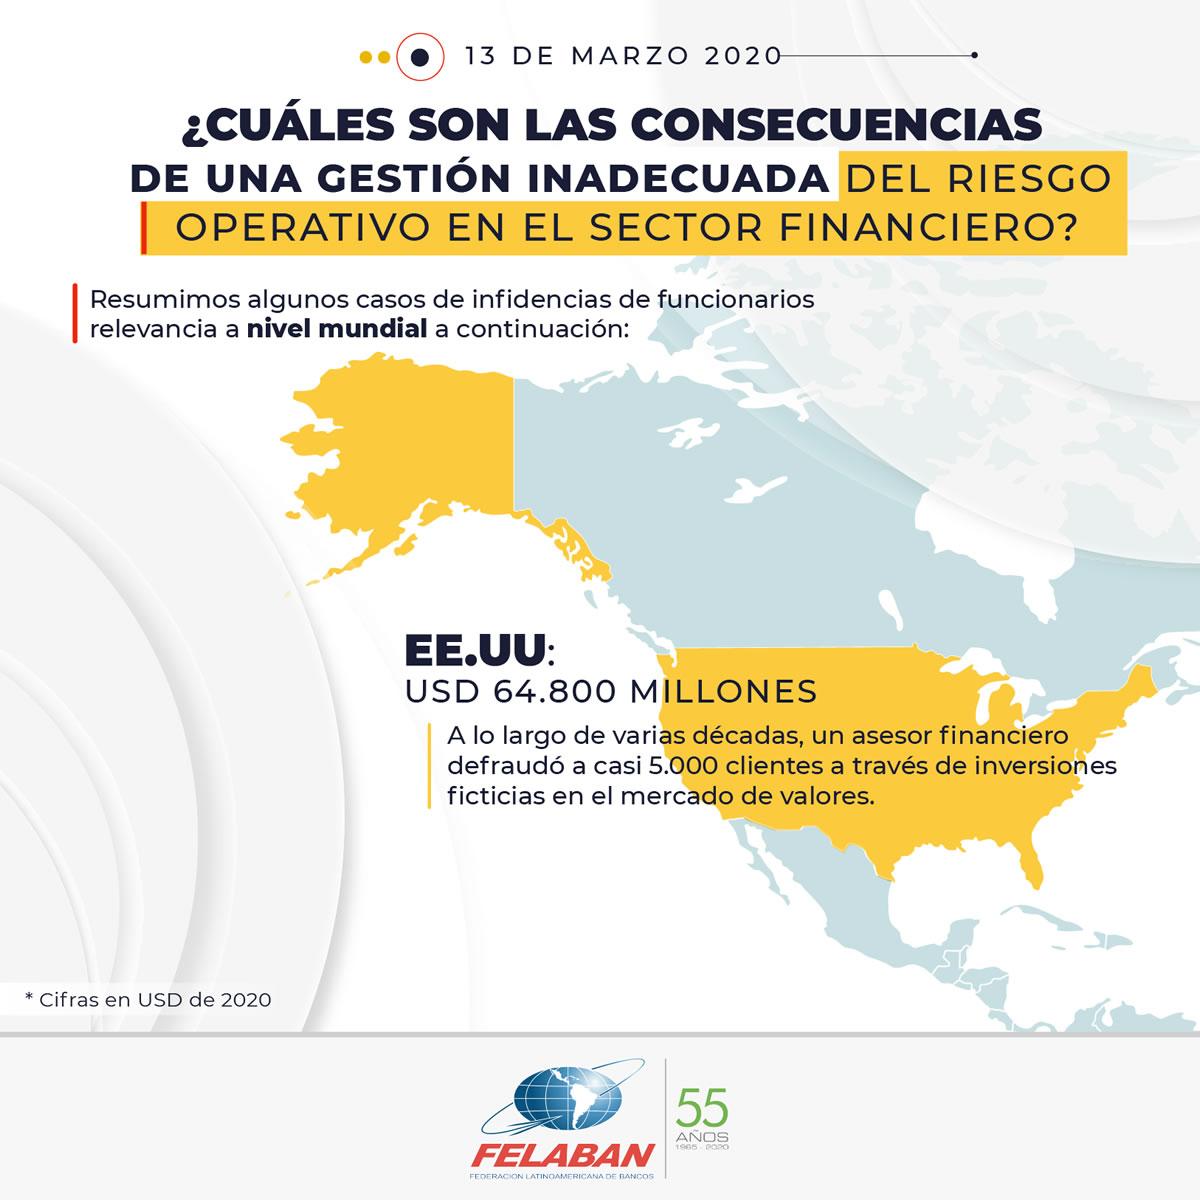 Gráfica Económica Nro 18-1 - ¿Cuáles son las consecuencias de una gestión inadecuada del riesgo operativo en el sector financiero? - EEUU